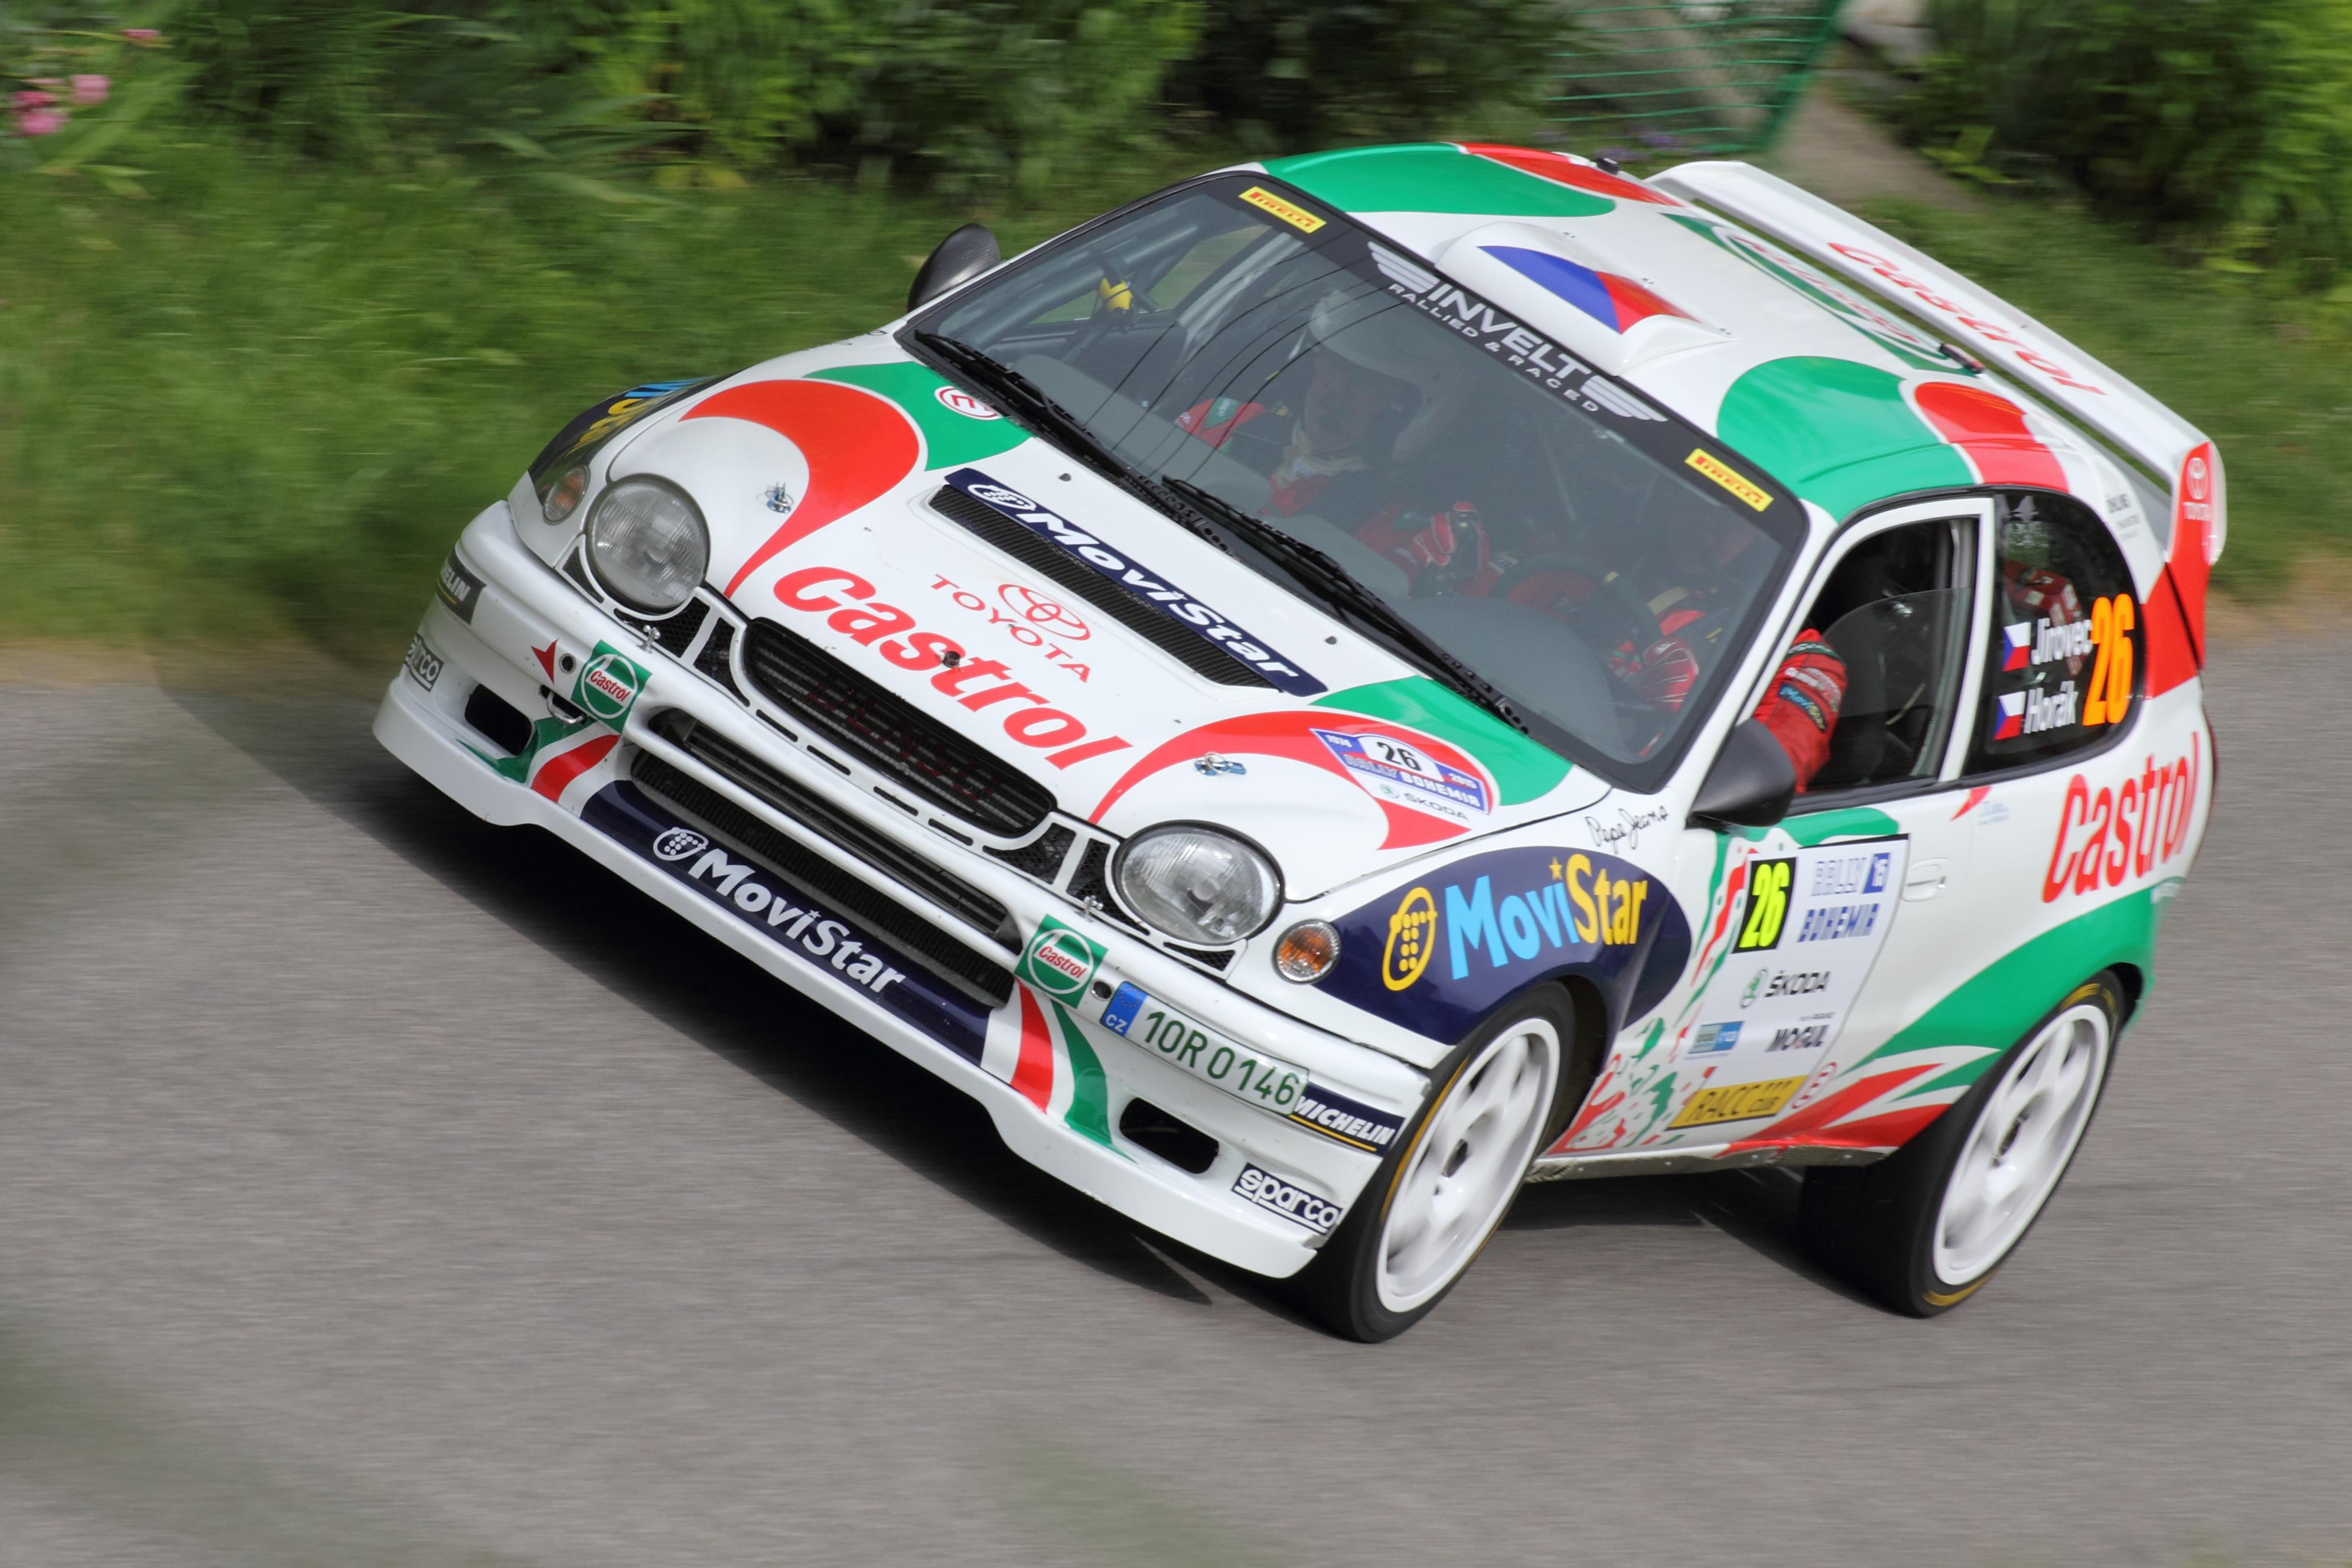 File:2015 Rally Bohemia - Jirovec, Toyota Corolla WRC.JPG ...